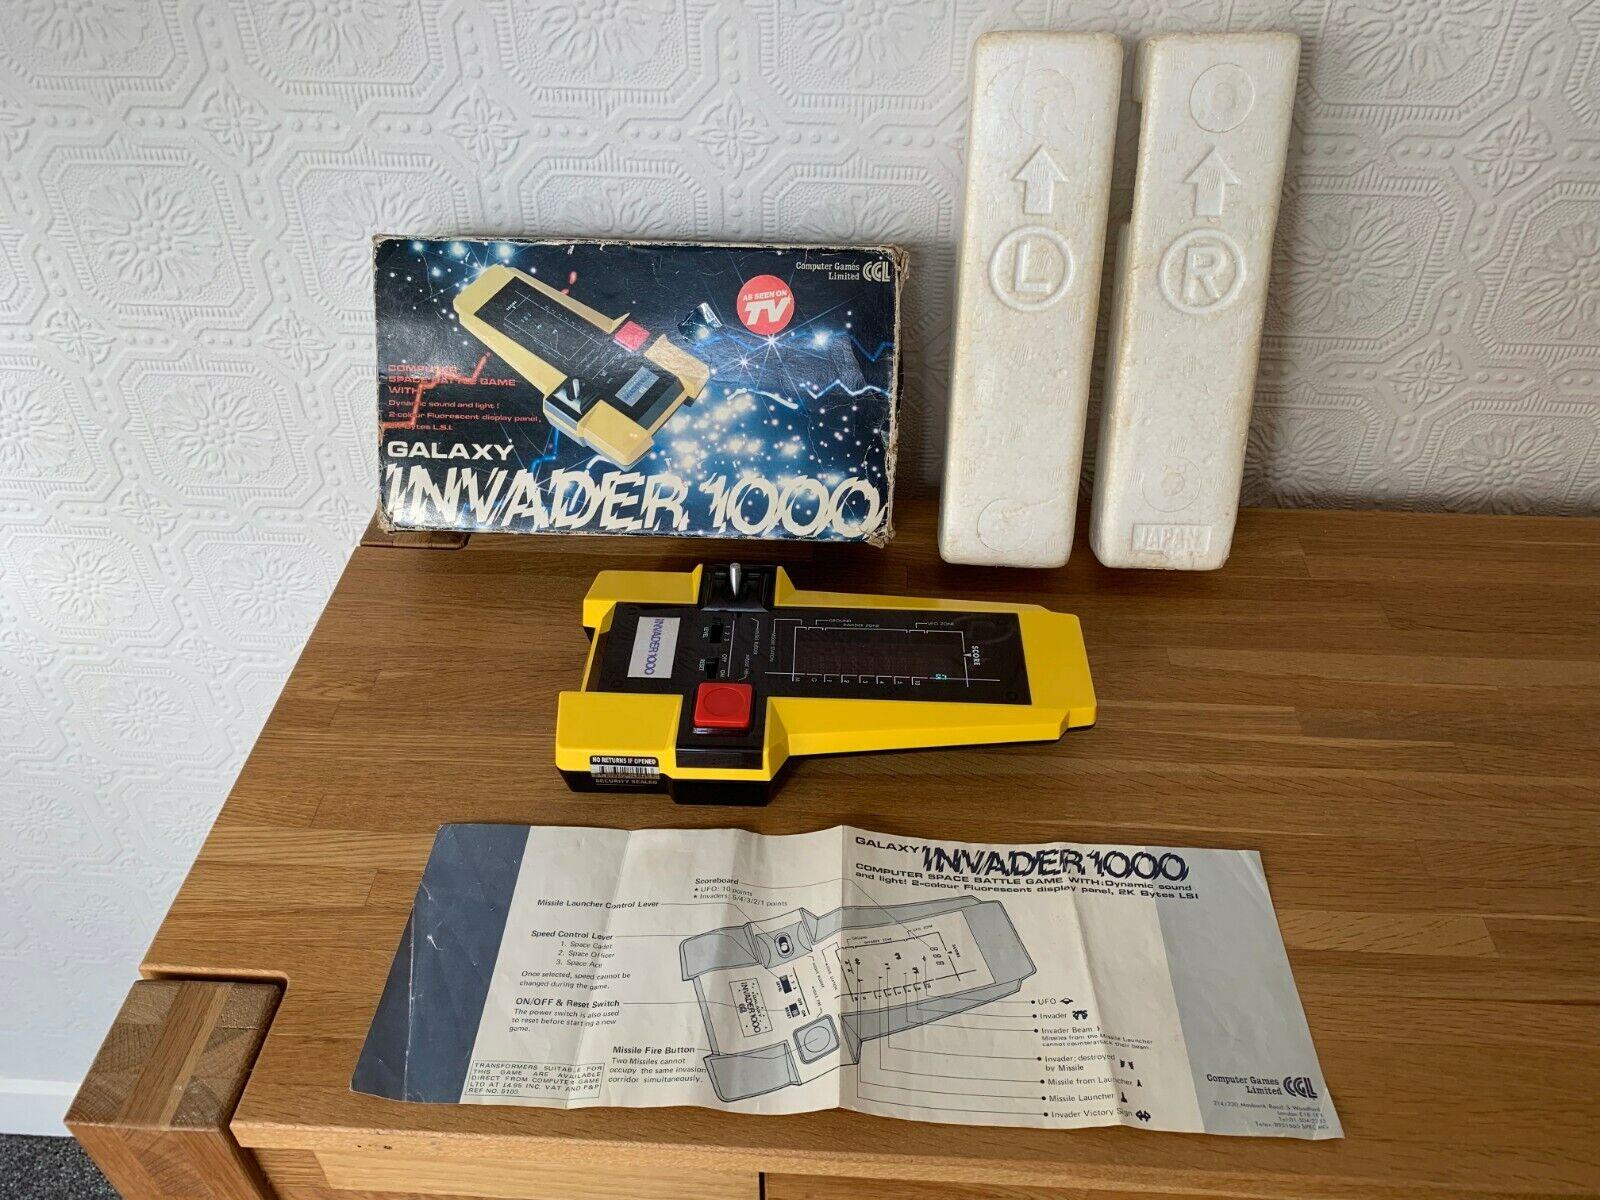 Excelente leucemia granulocítica crónica GALAXY Invader 1000 Vintage 1980 juego electrónico portátil-casi Nuevo